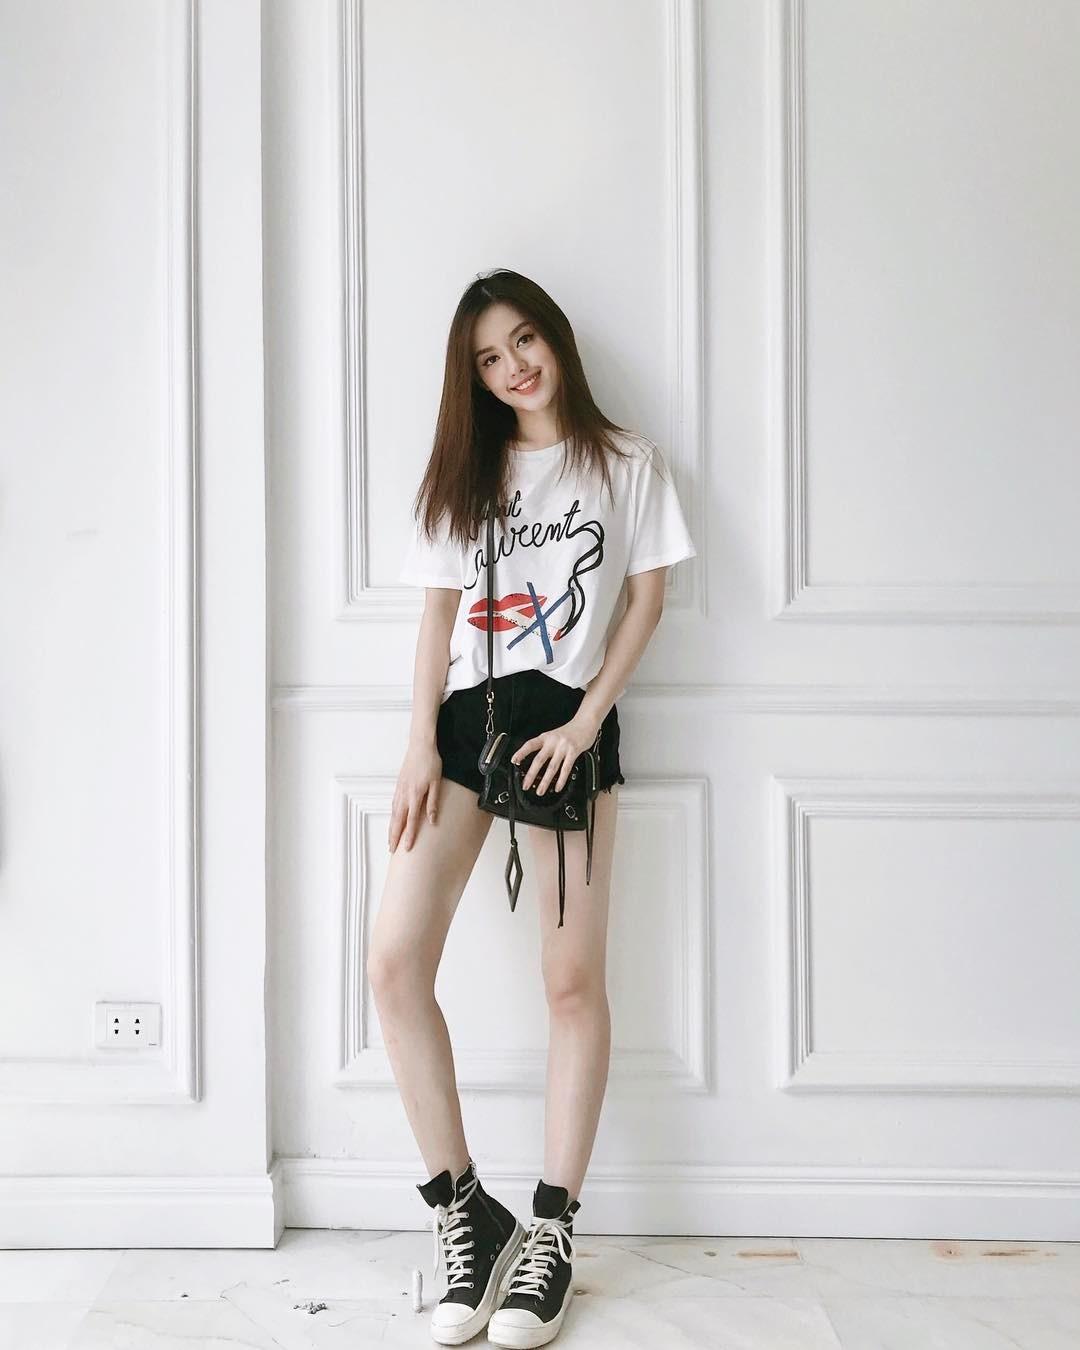 Mới 22 tuổi, Khánh Linh (The Face) đã có tủ đồ hiệu chẳng kém các đàn chị showbiz - Ảnh 5.